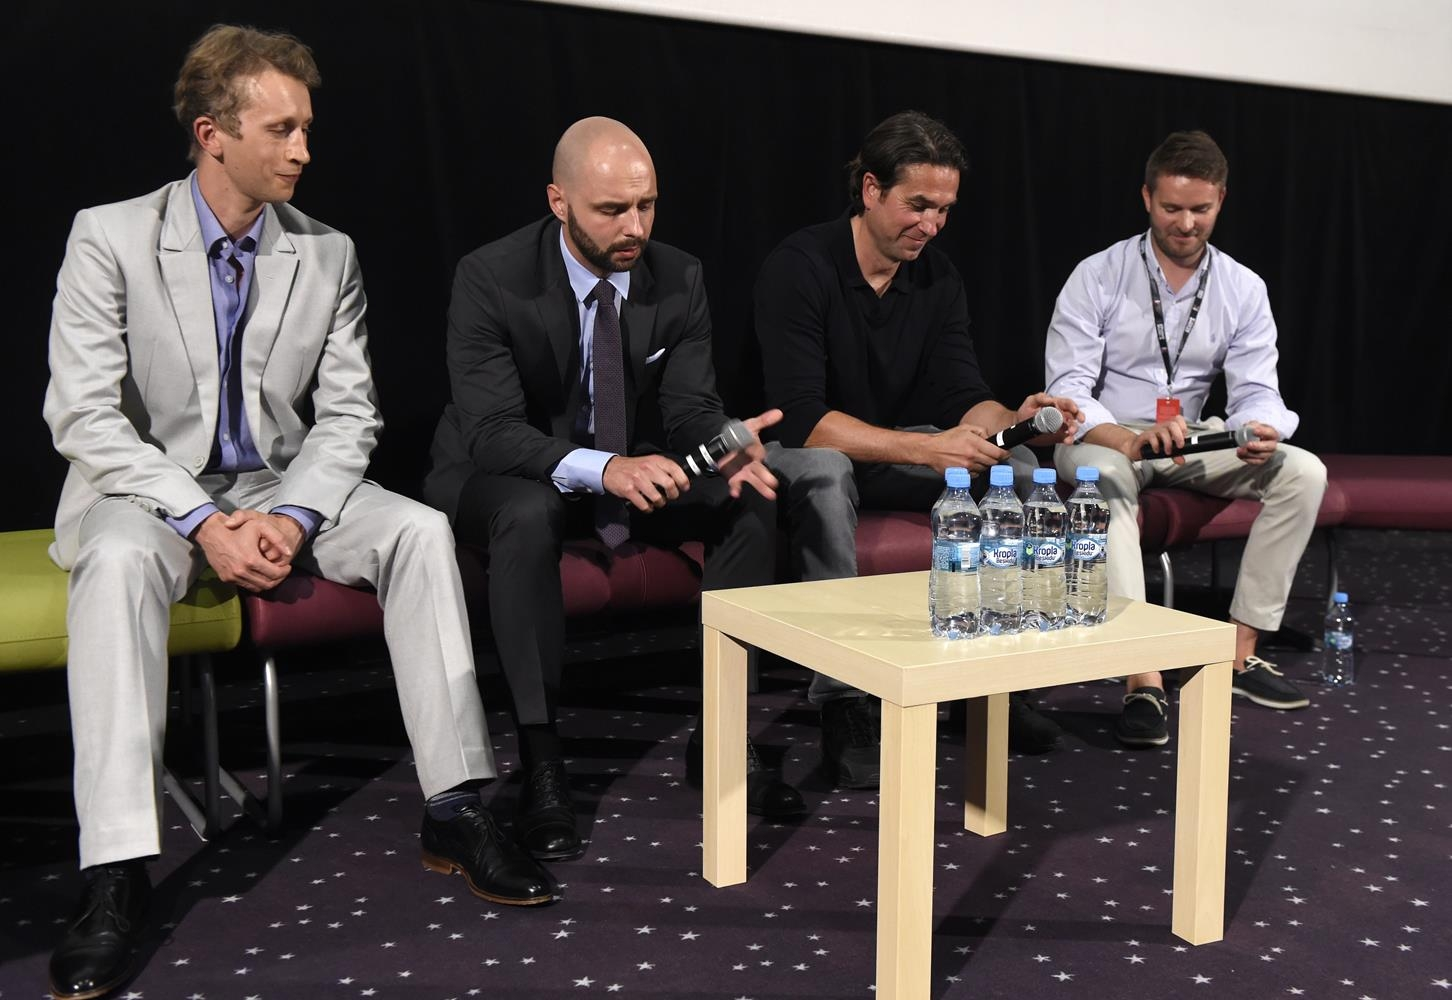 43. Festiwal Polskich Filmów Fabularnych w Gdyni.  Multikino, spotkanie do filmu 303 Bitwa o Anglię. M.in. Christopher Jaciow i Marcin Dorociński